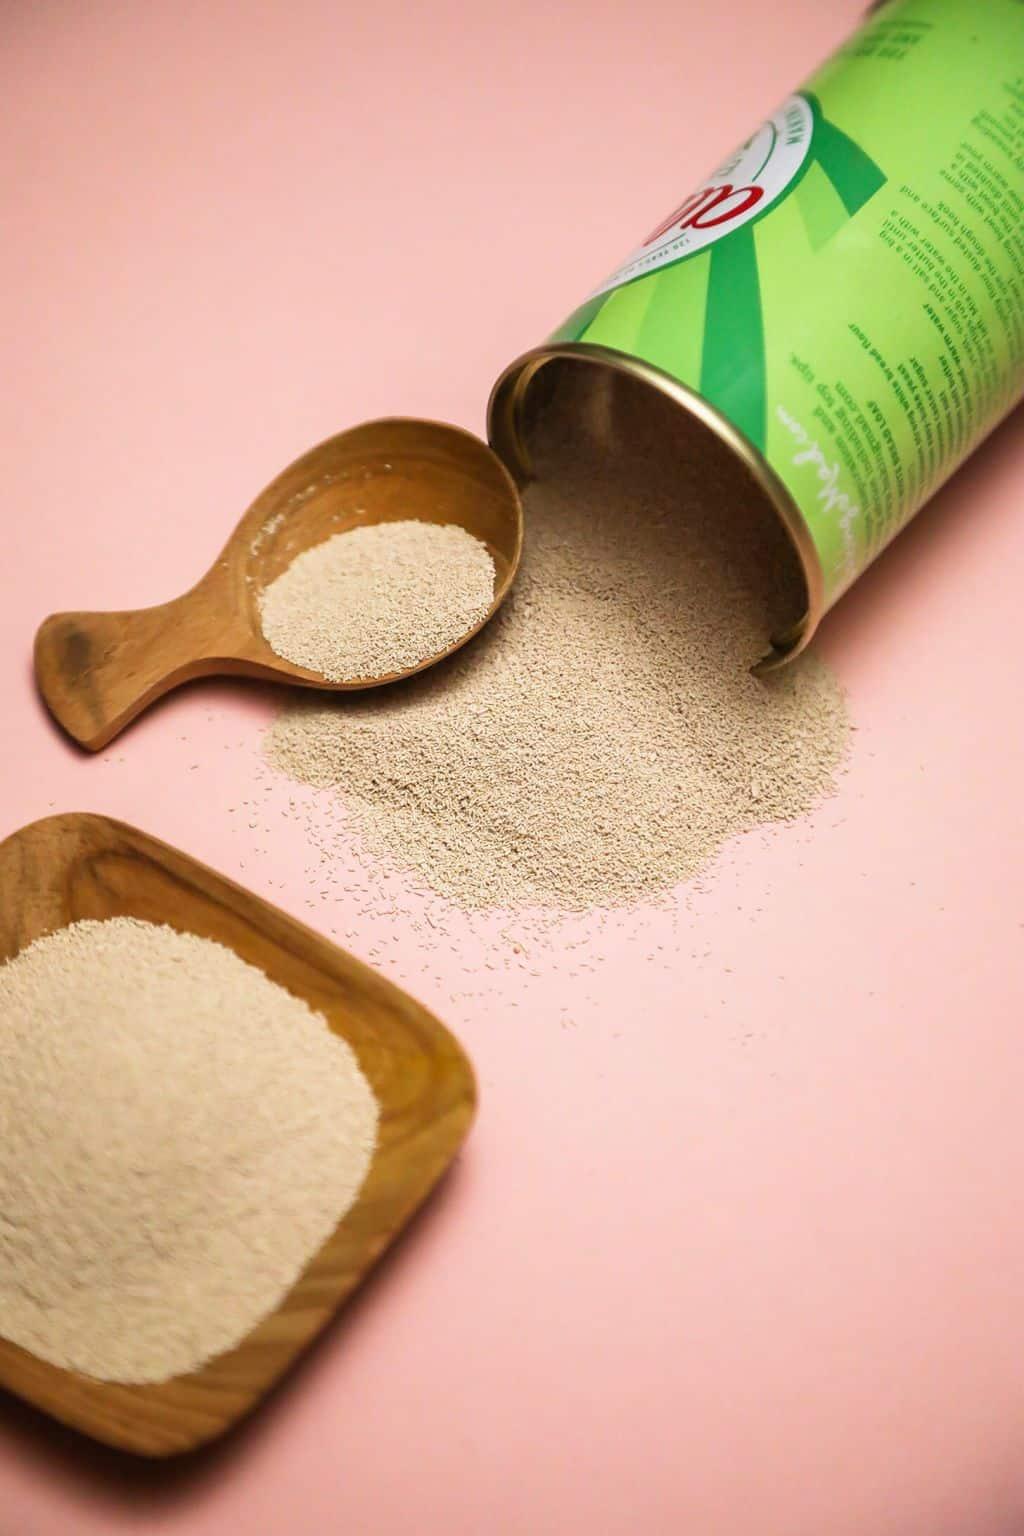 Active Dry Yeast vs Instant